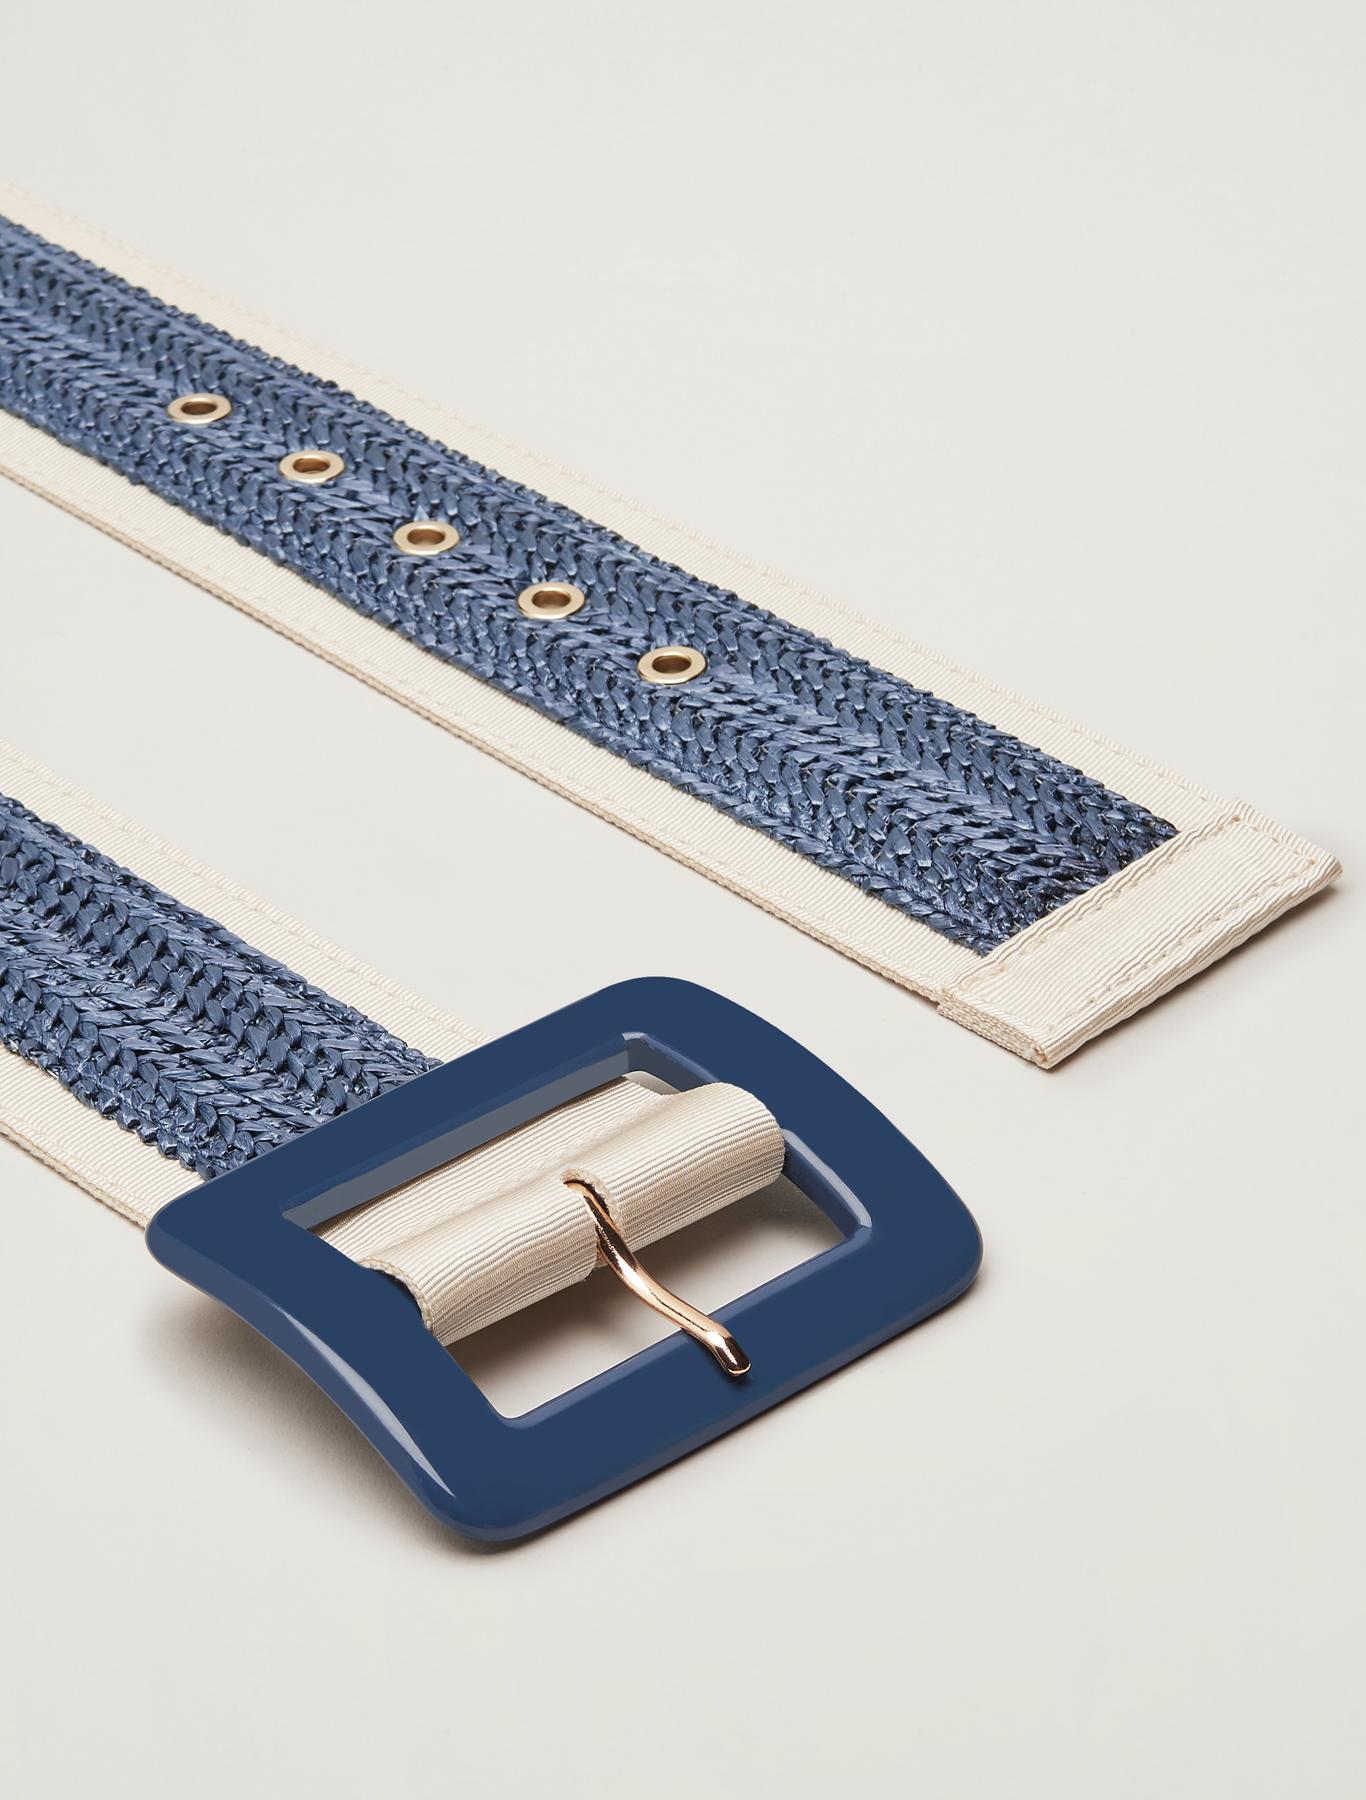 Woven raffia belt - china blue - pennyblack